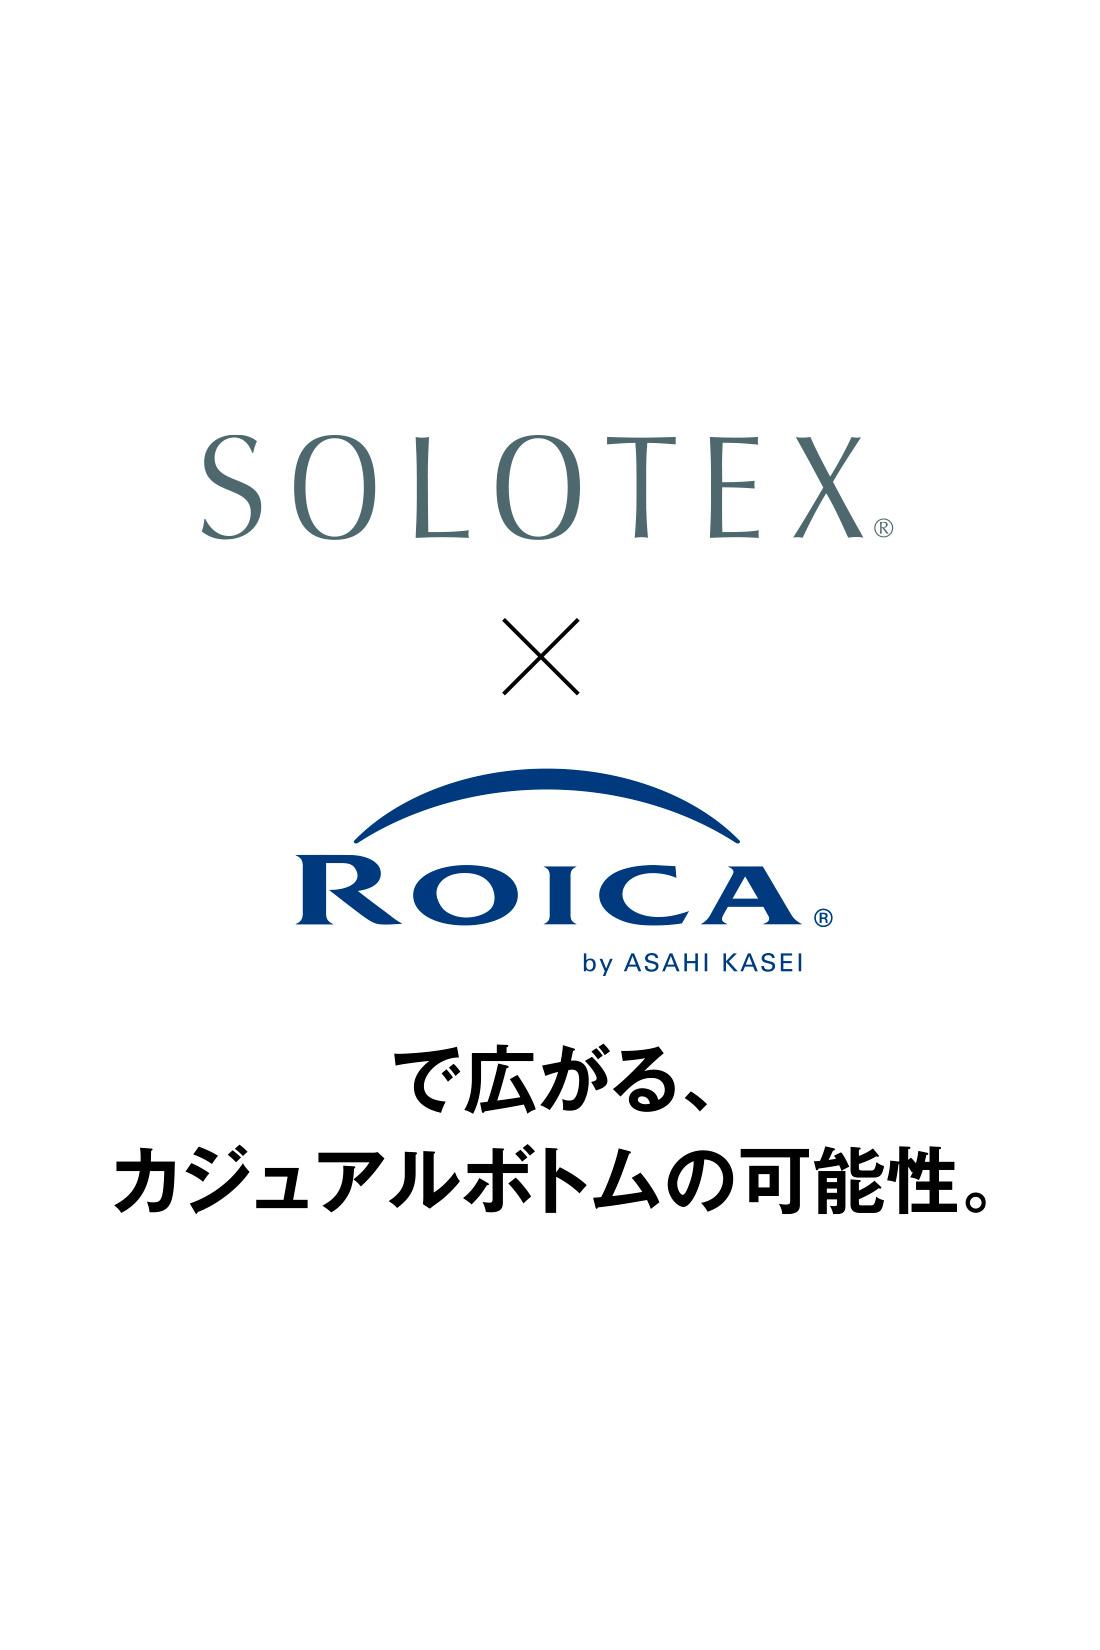 SOLOTEX【R】OO(ソロテックス【R】ダブルオー)は、帝人フロンティアのPTT繊維「SOLOTEX【R】」と、旭化成せんいのポリウレタン繊維「ROICA【R】(ロイカ)」を組み合わせたカジュアルボトム用素材です。ソフトで軽やかなストレッチ性と回復性をもつSOLOTEX【R】に、スパンデックスとしてのさらなる伸縮性をそなえたROICA【R】を組み合わせることで、これまで以上のハイパワーストレッチを実現。